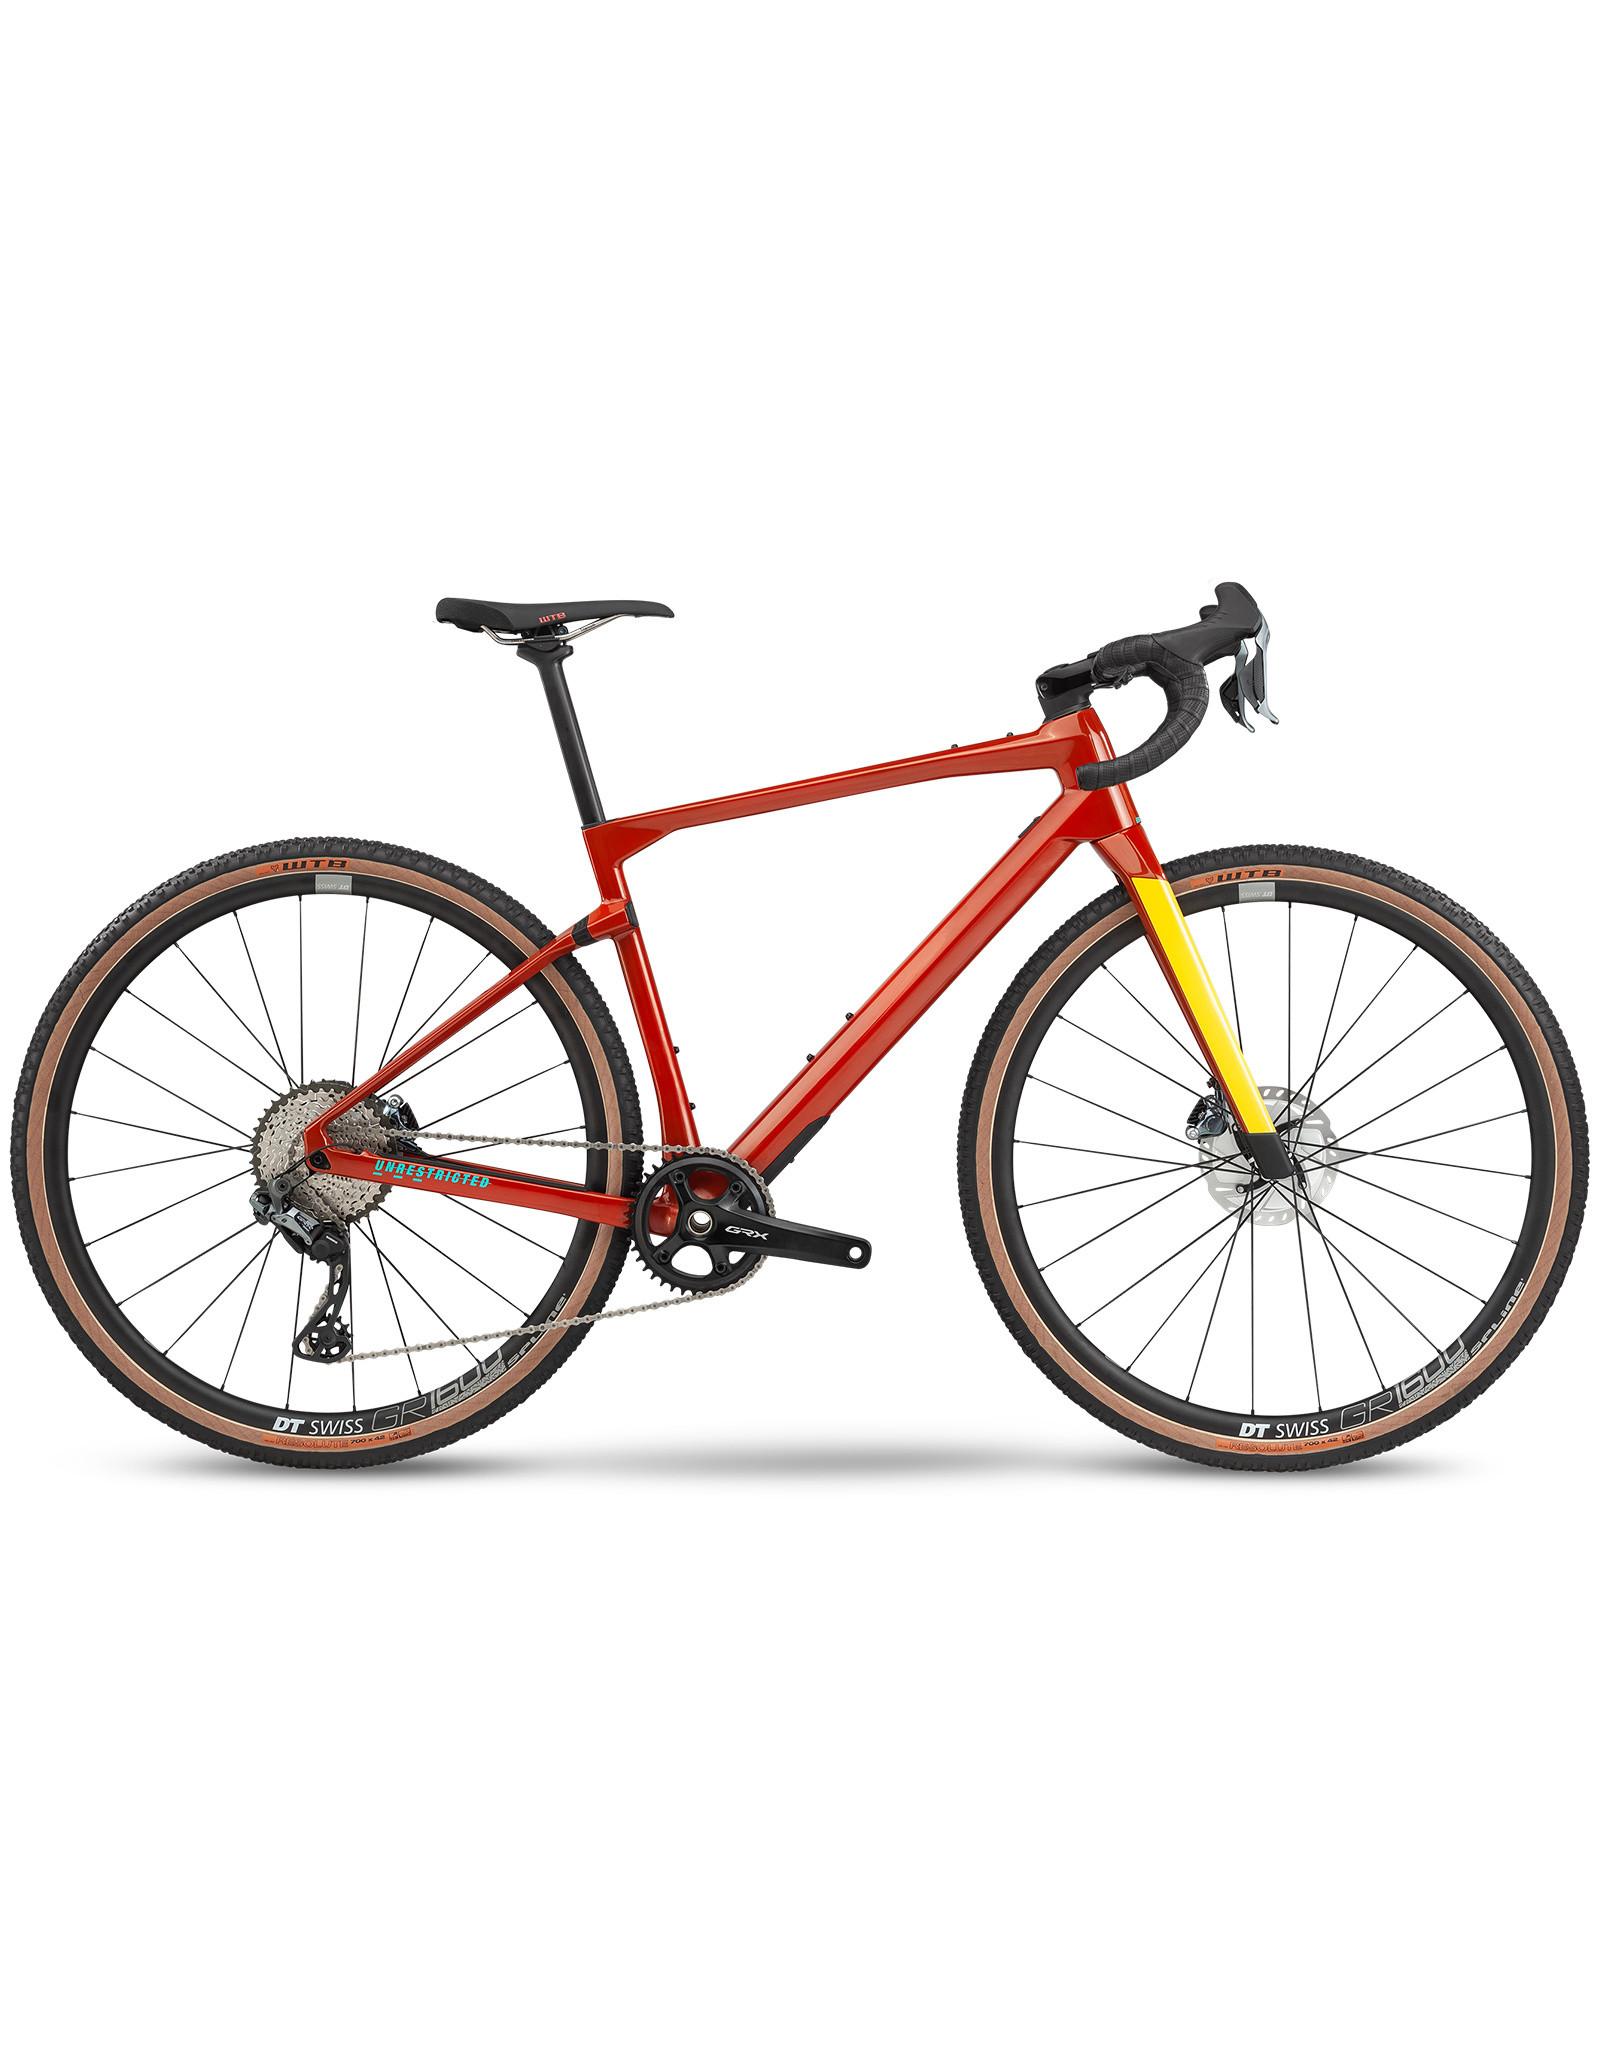 BMC BMC UnReStricted TWO (2020) (GRX 800 Di2) Orange / Jaune